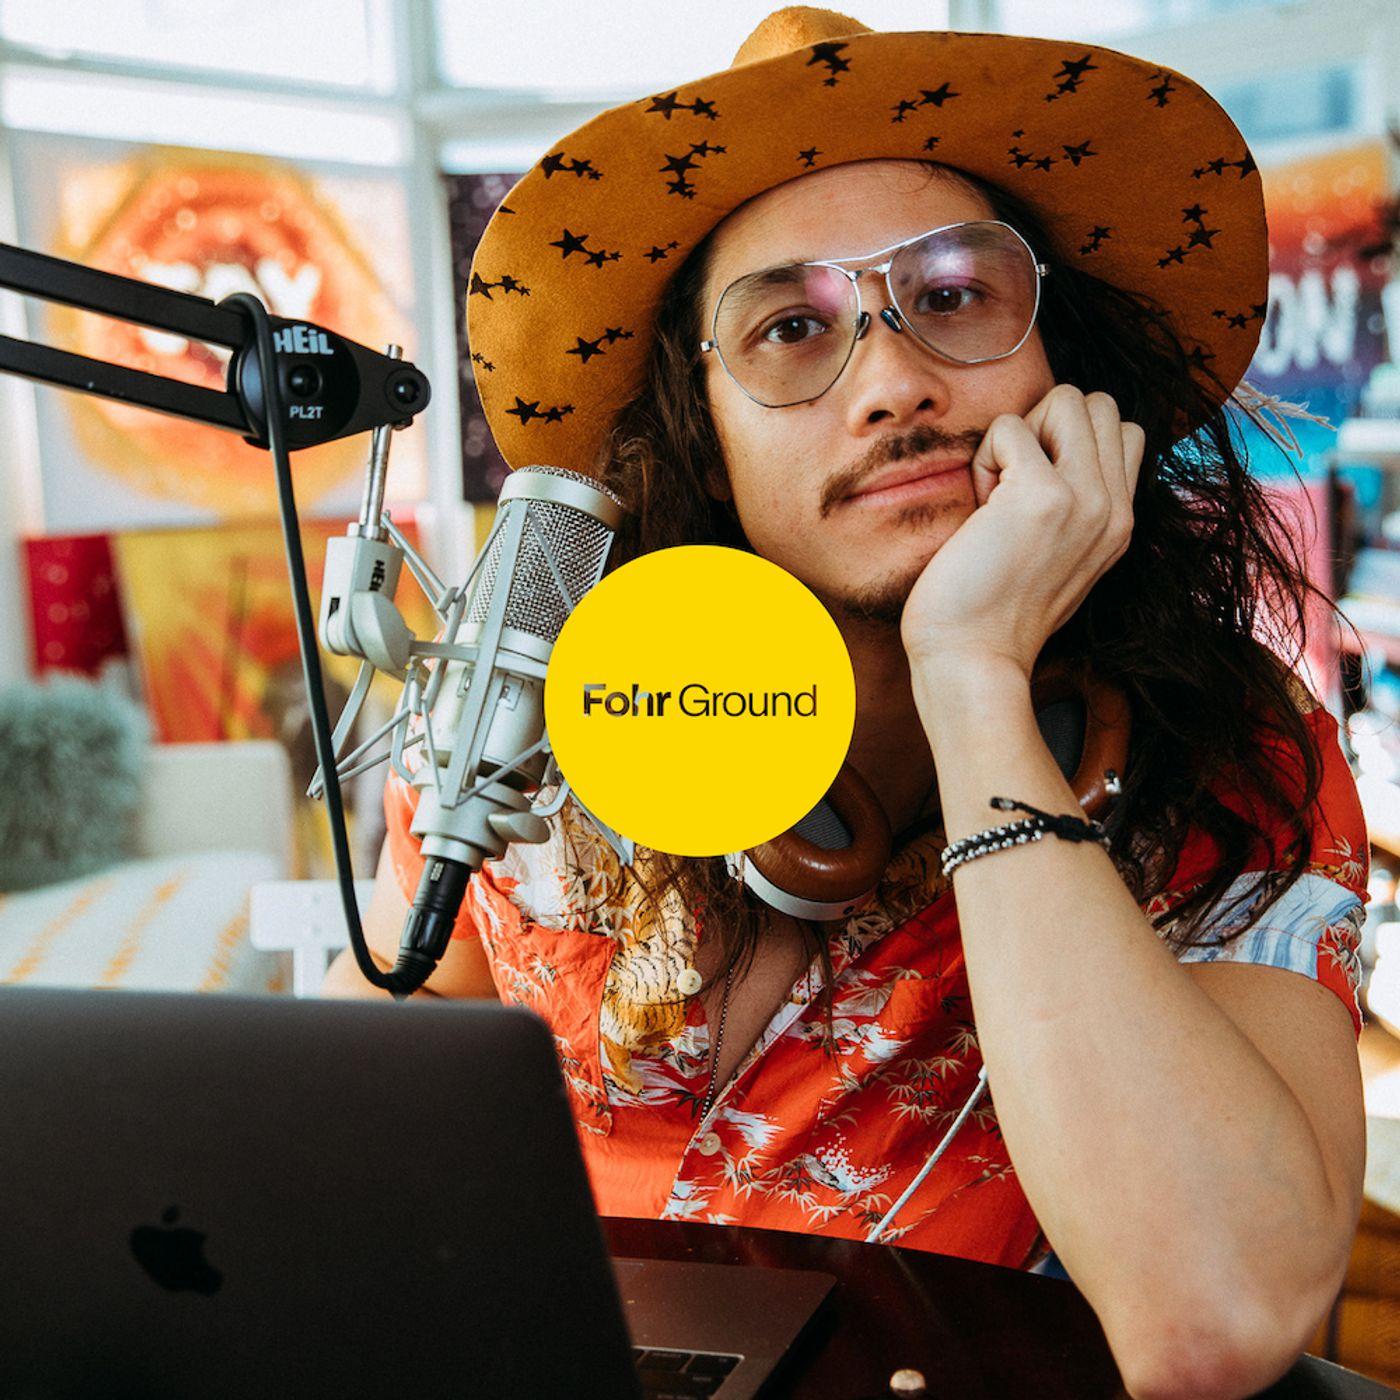 From graphic design to Bieber in Zurich with Nick Onken - Episode 56